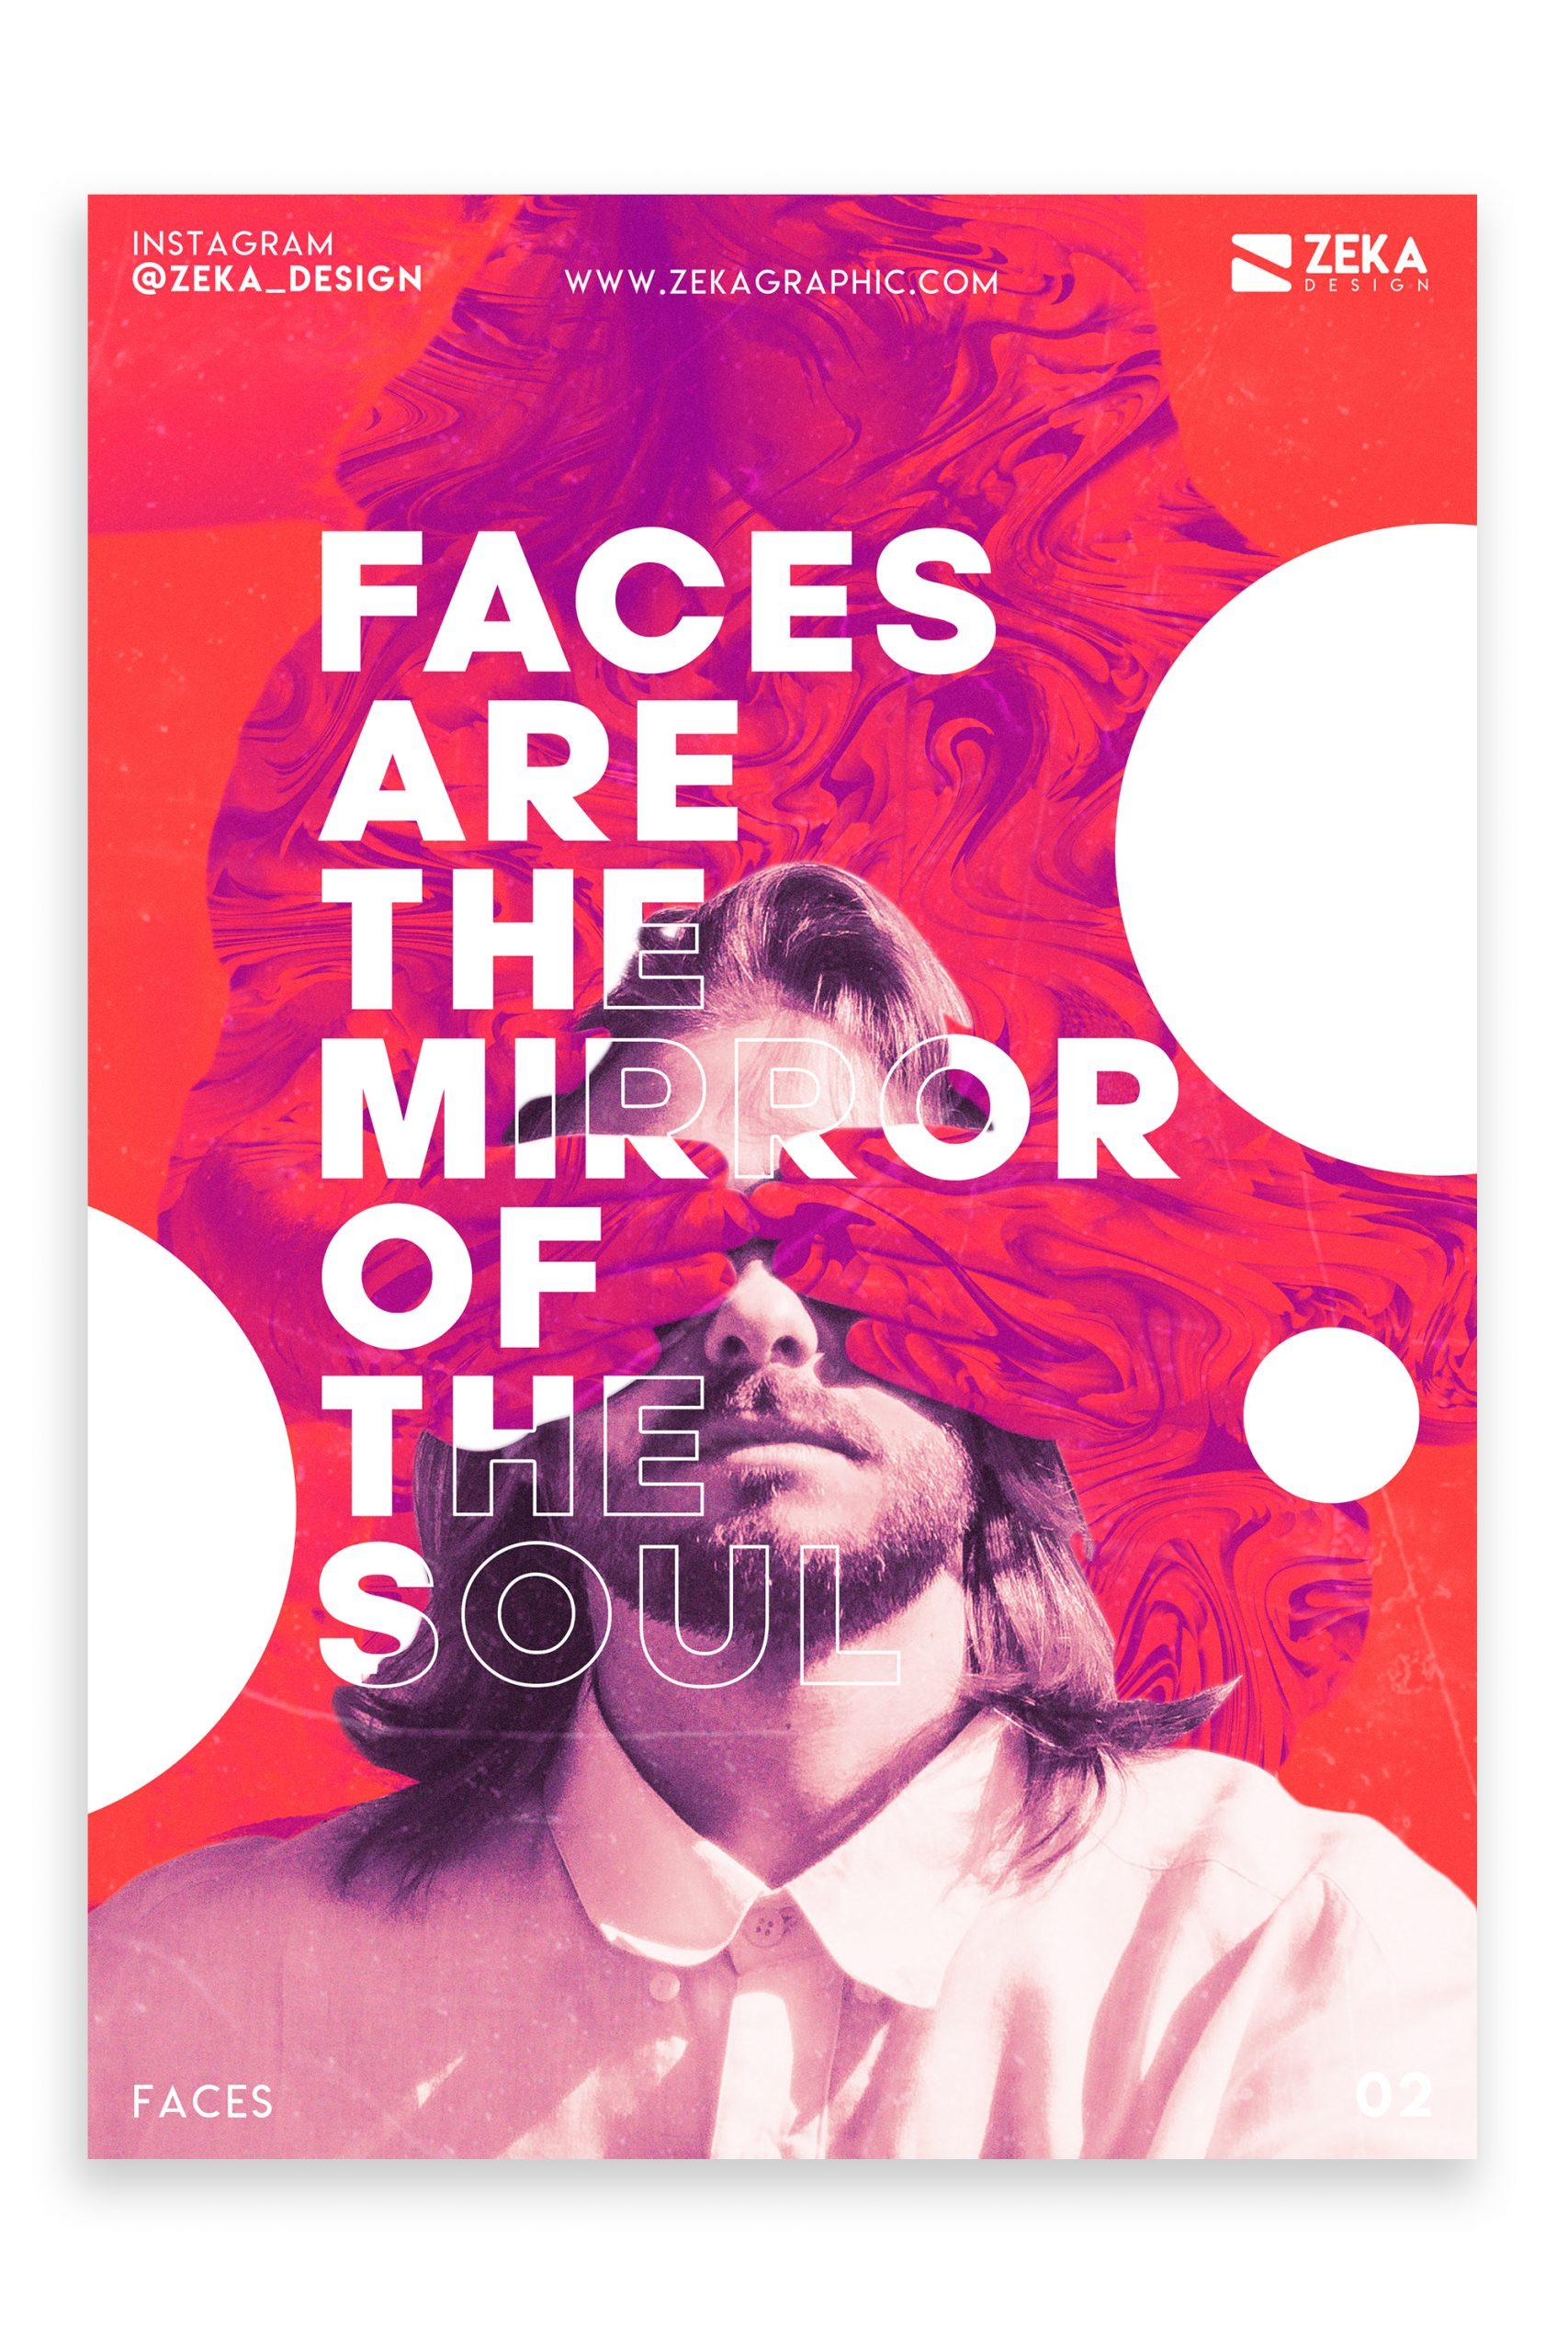 Faces Poster Design Inspiration Graphic Design Portfolio 2